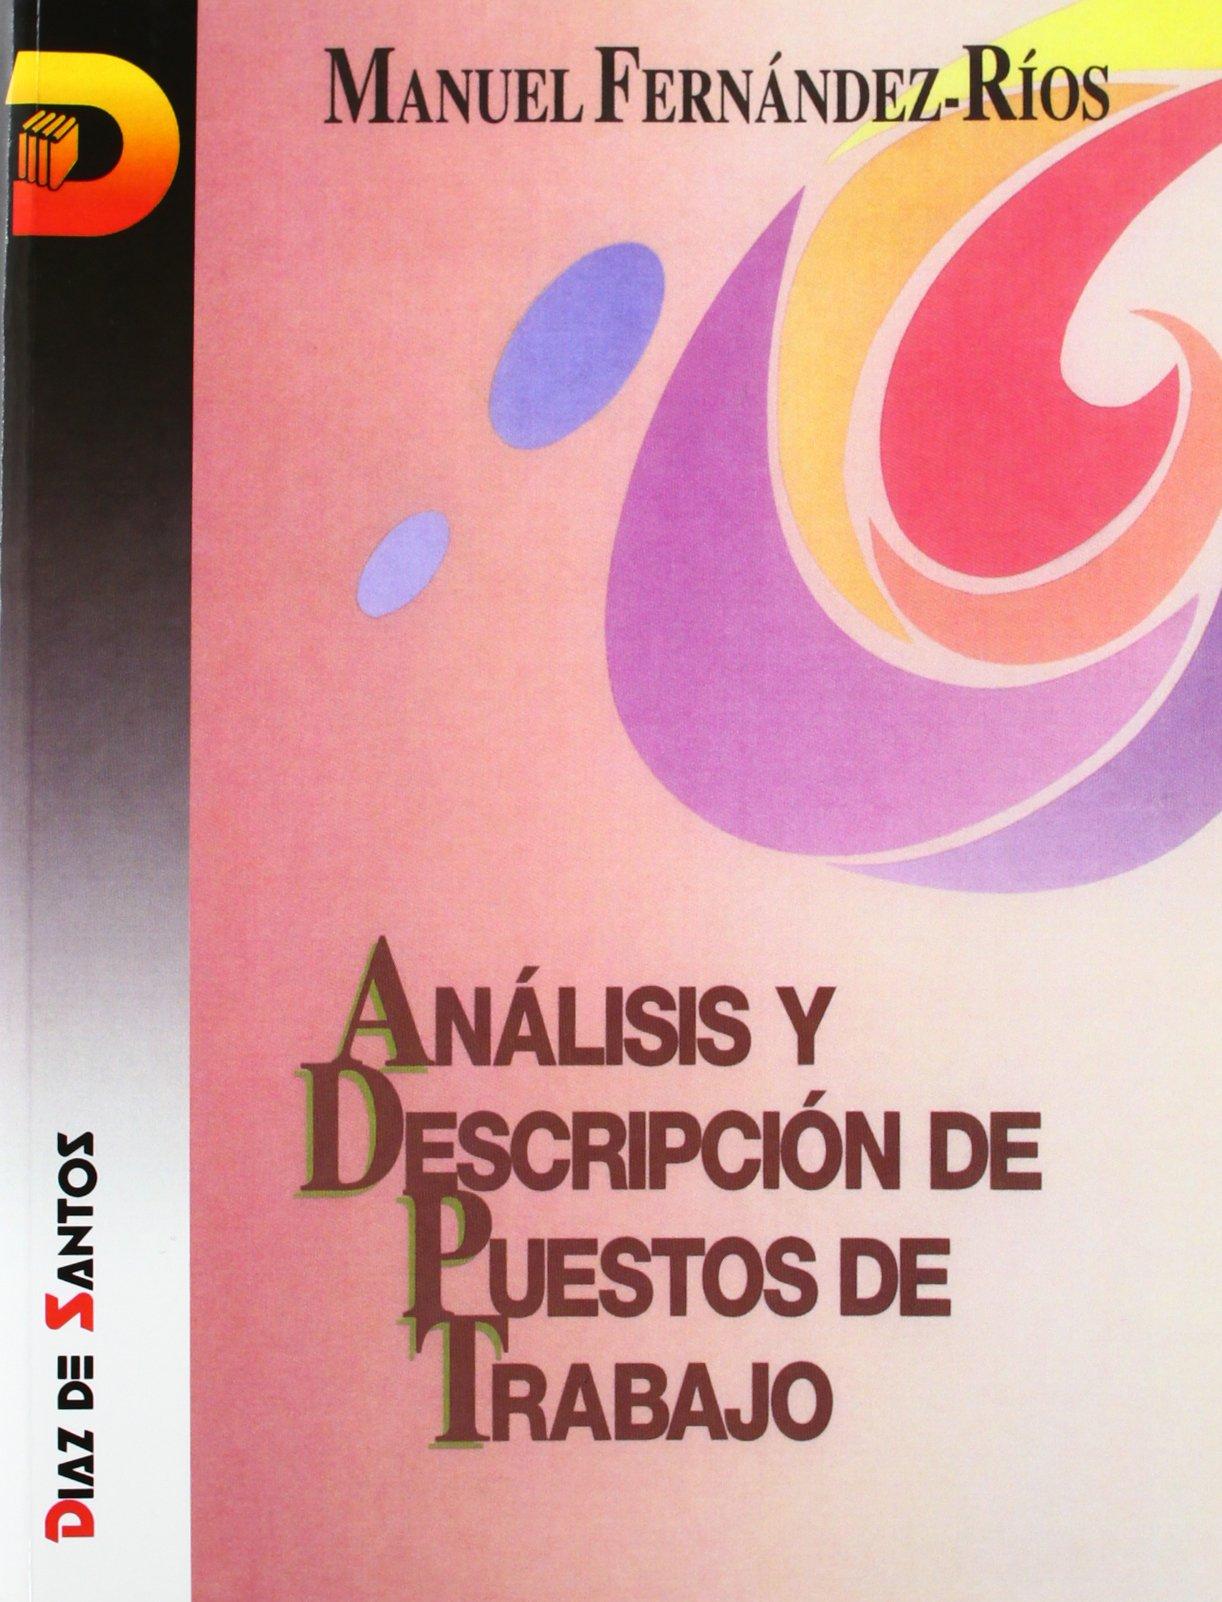 Analisis Y Descripcion De Los Puestos De Trabajo: Amazon.es ...